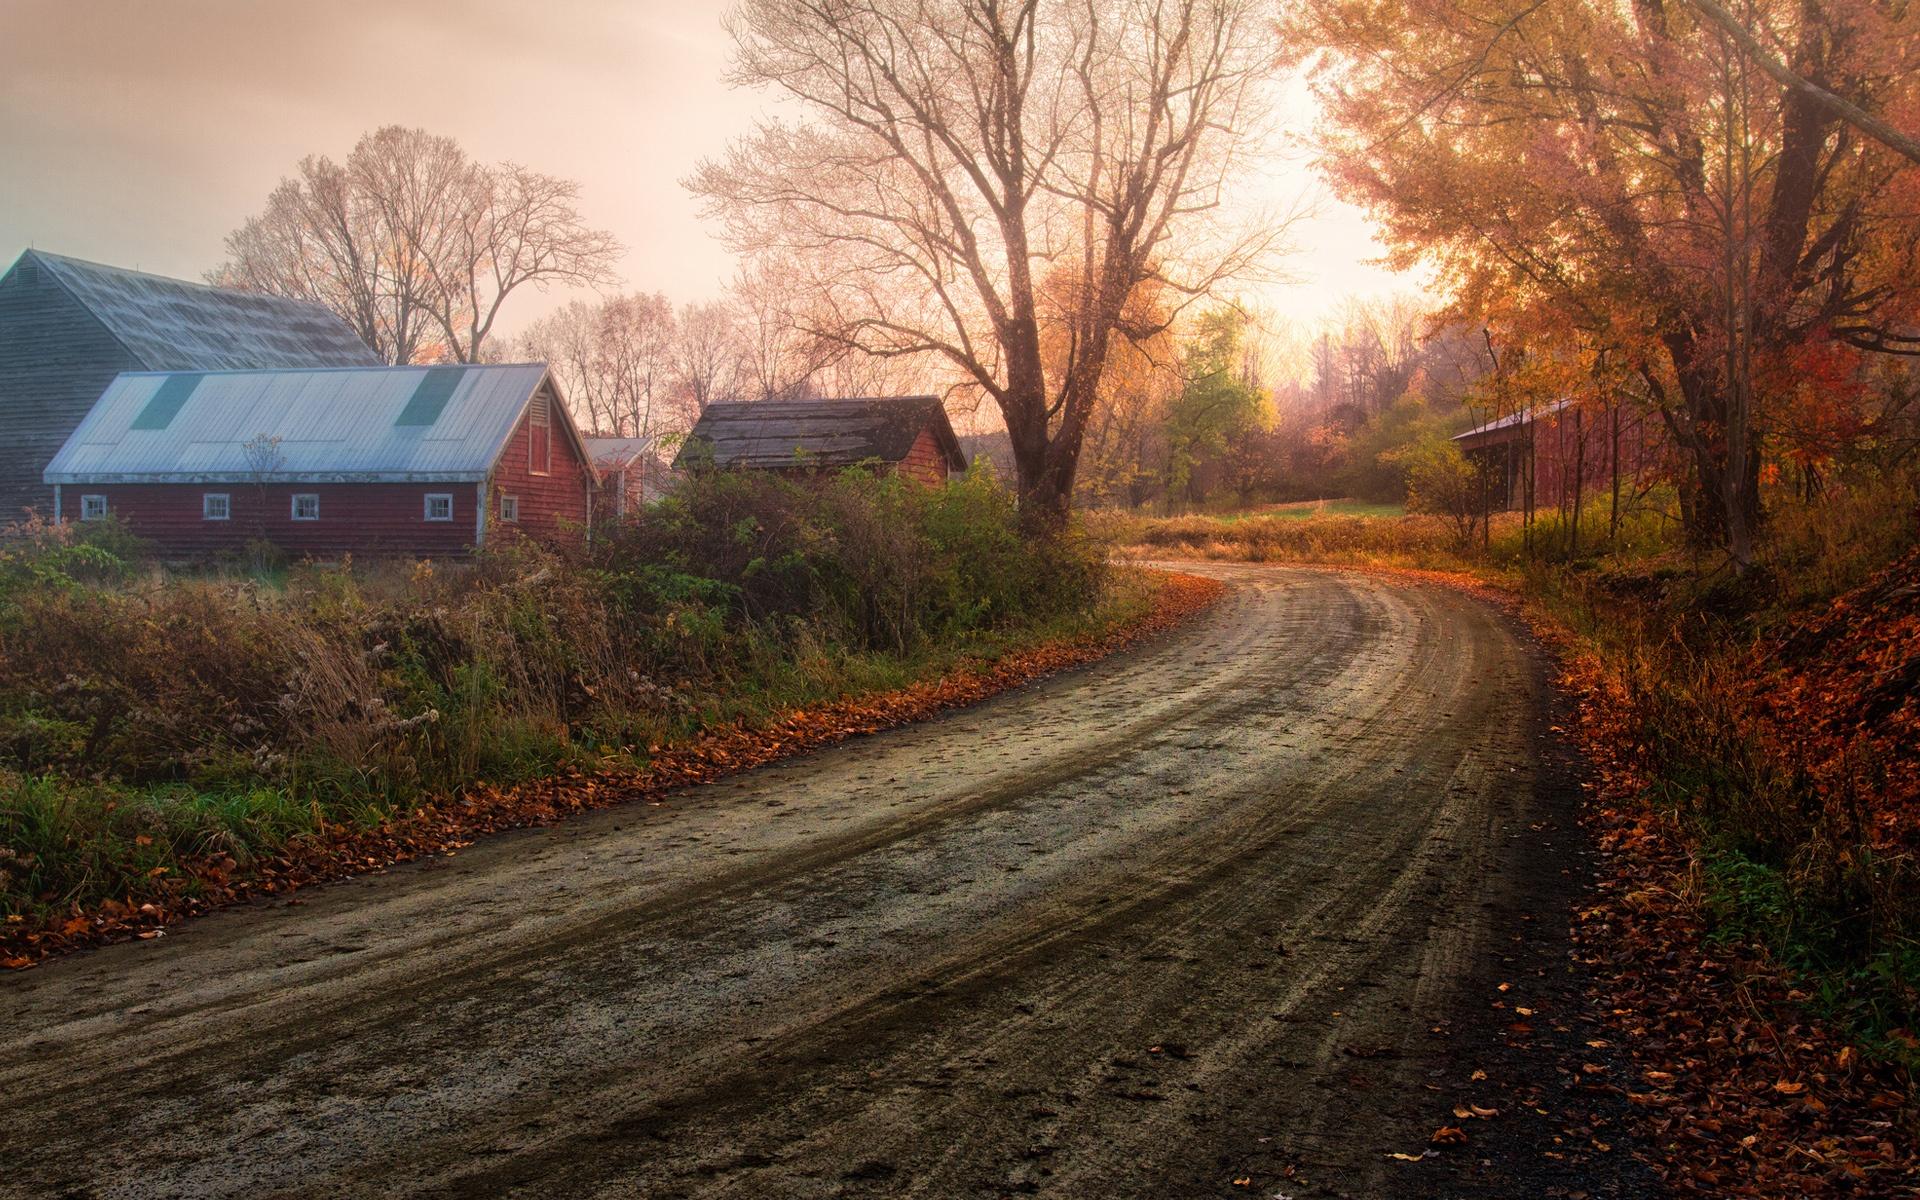 paysage fantastique campagne automne arbres feuilles